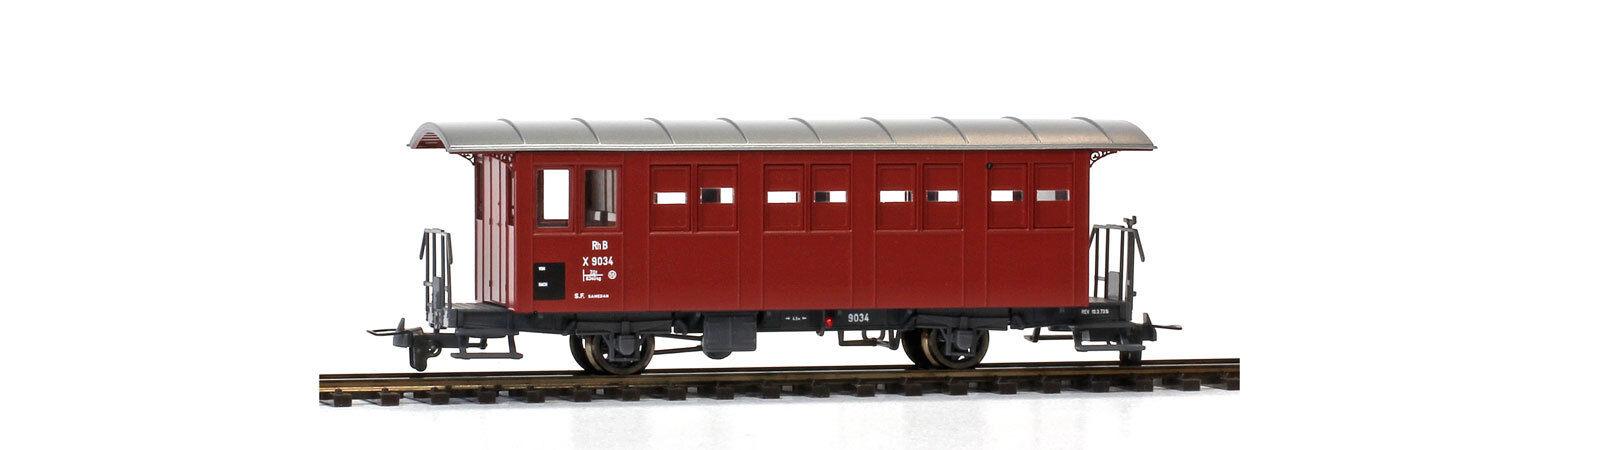 BEMO 3234 194/3234194 RHB x 9034 servizio ferroviario carrello S.F. Samedan traccia h0m NUOVO